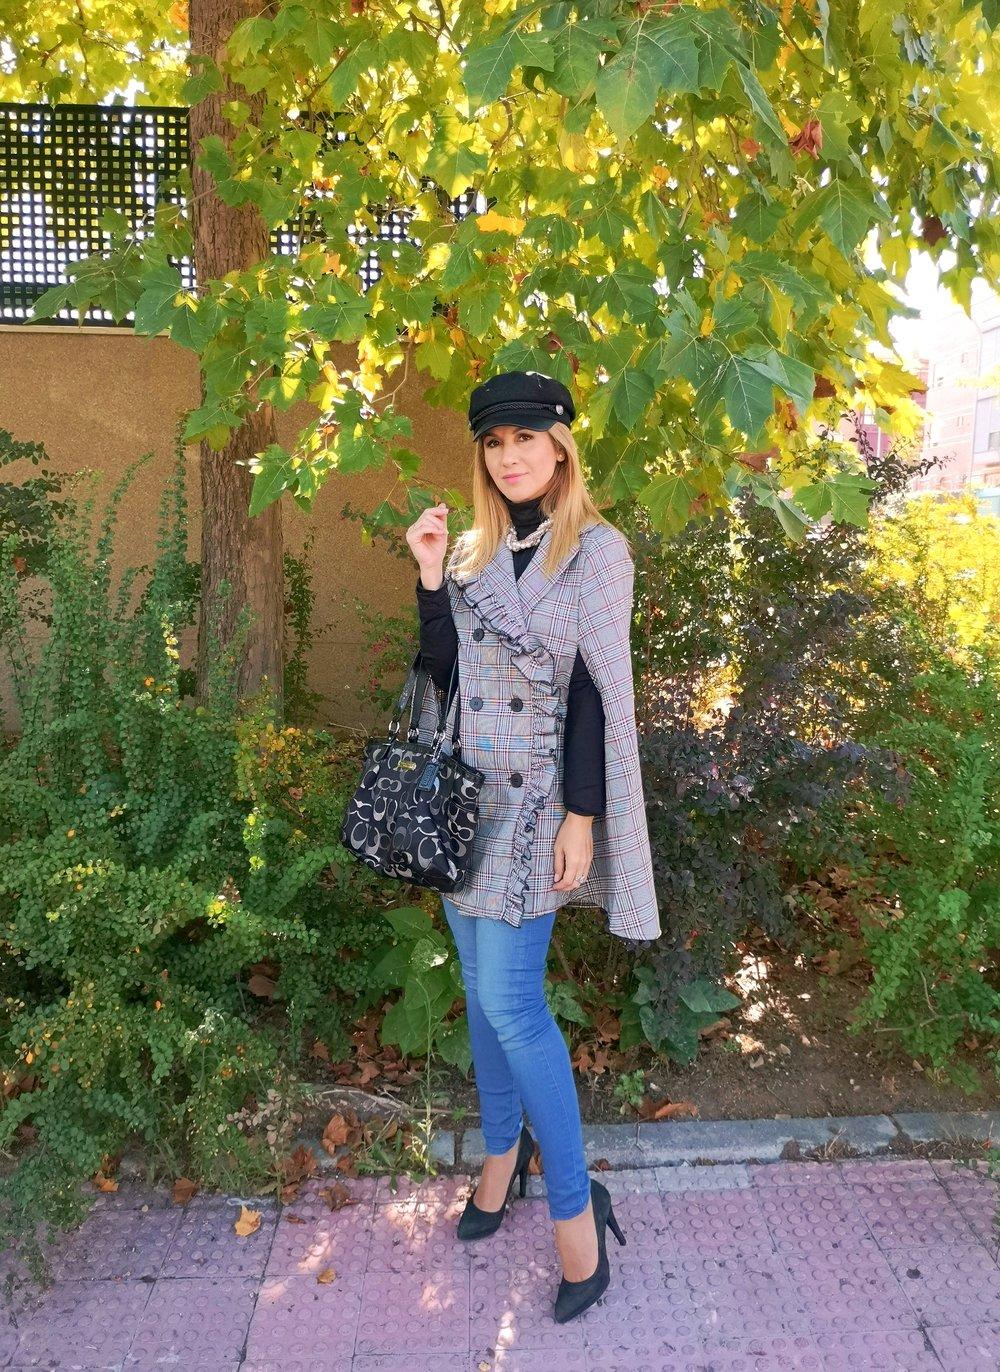 OUTFIT DETAILS: Cape:  SHEIN ; Jeans: MANGO (S/S ´18); Navy Cap: H&M; Bag: COACH; Shoes: MARIAN;